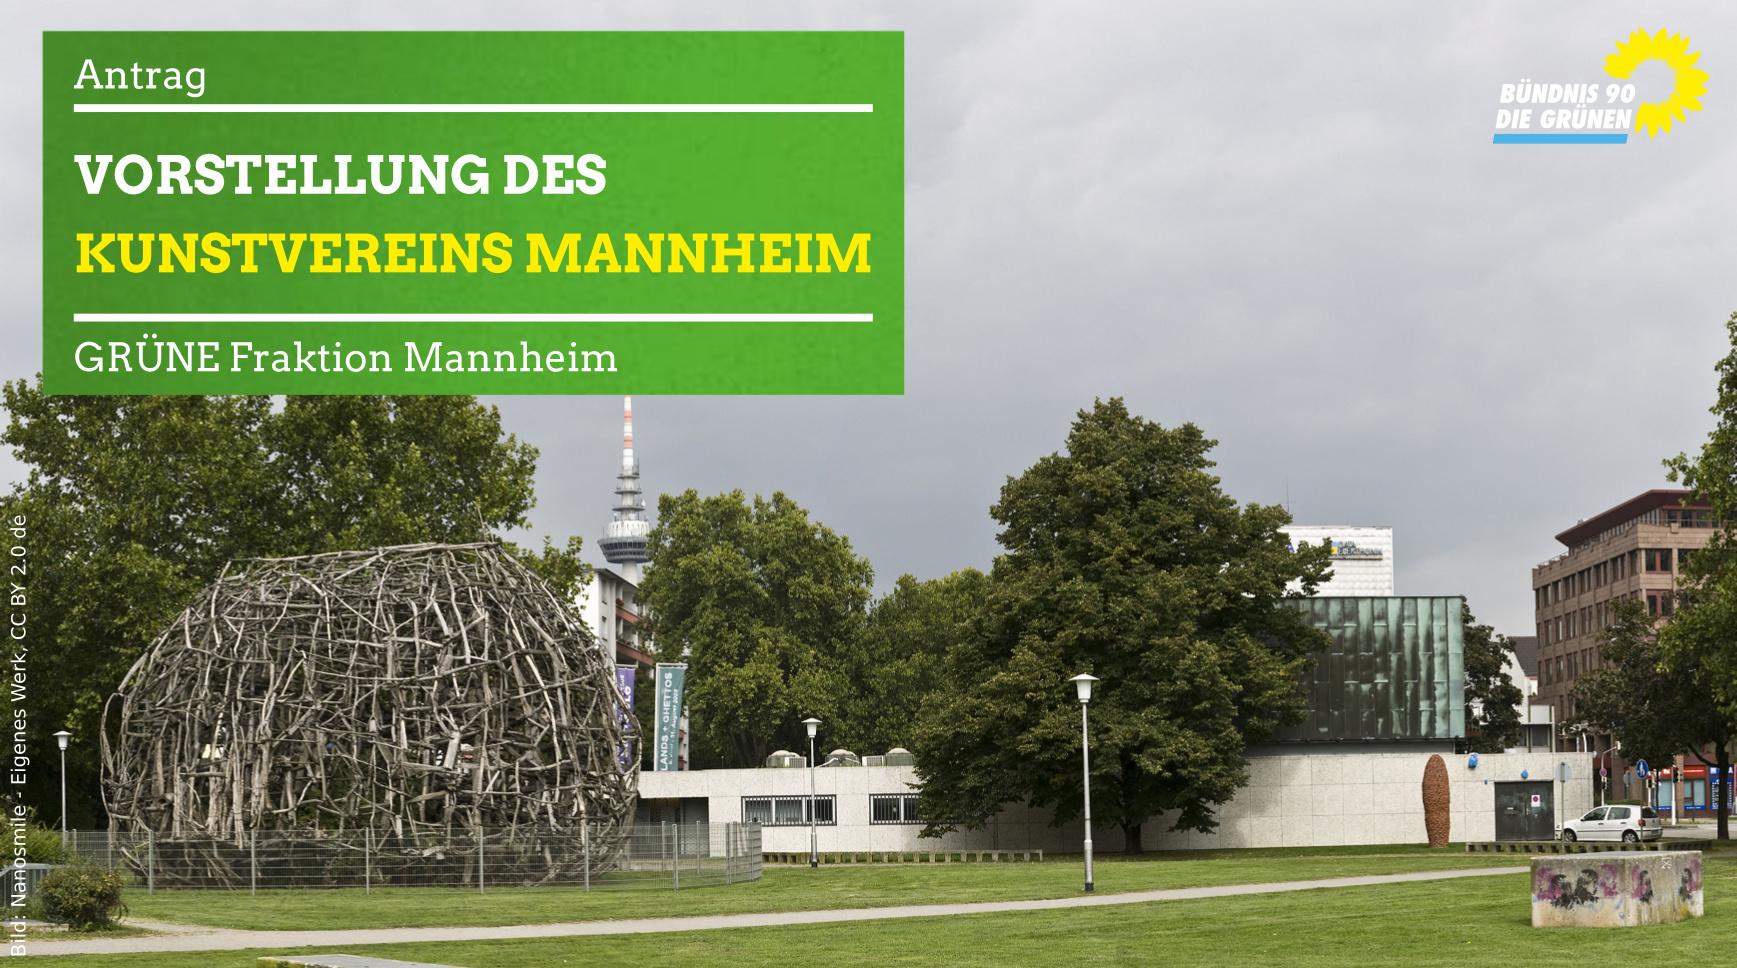 Mannheimer Kunstverein und Treibholz-Kunstwerk von Professor Edoga